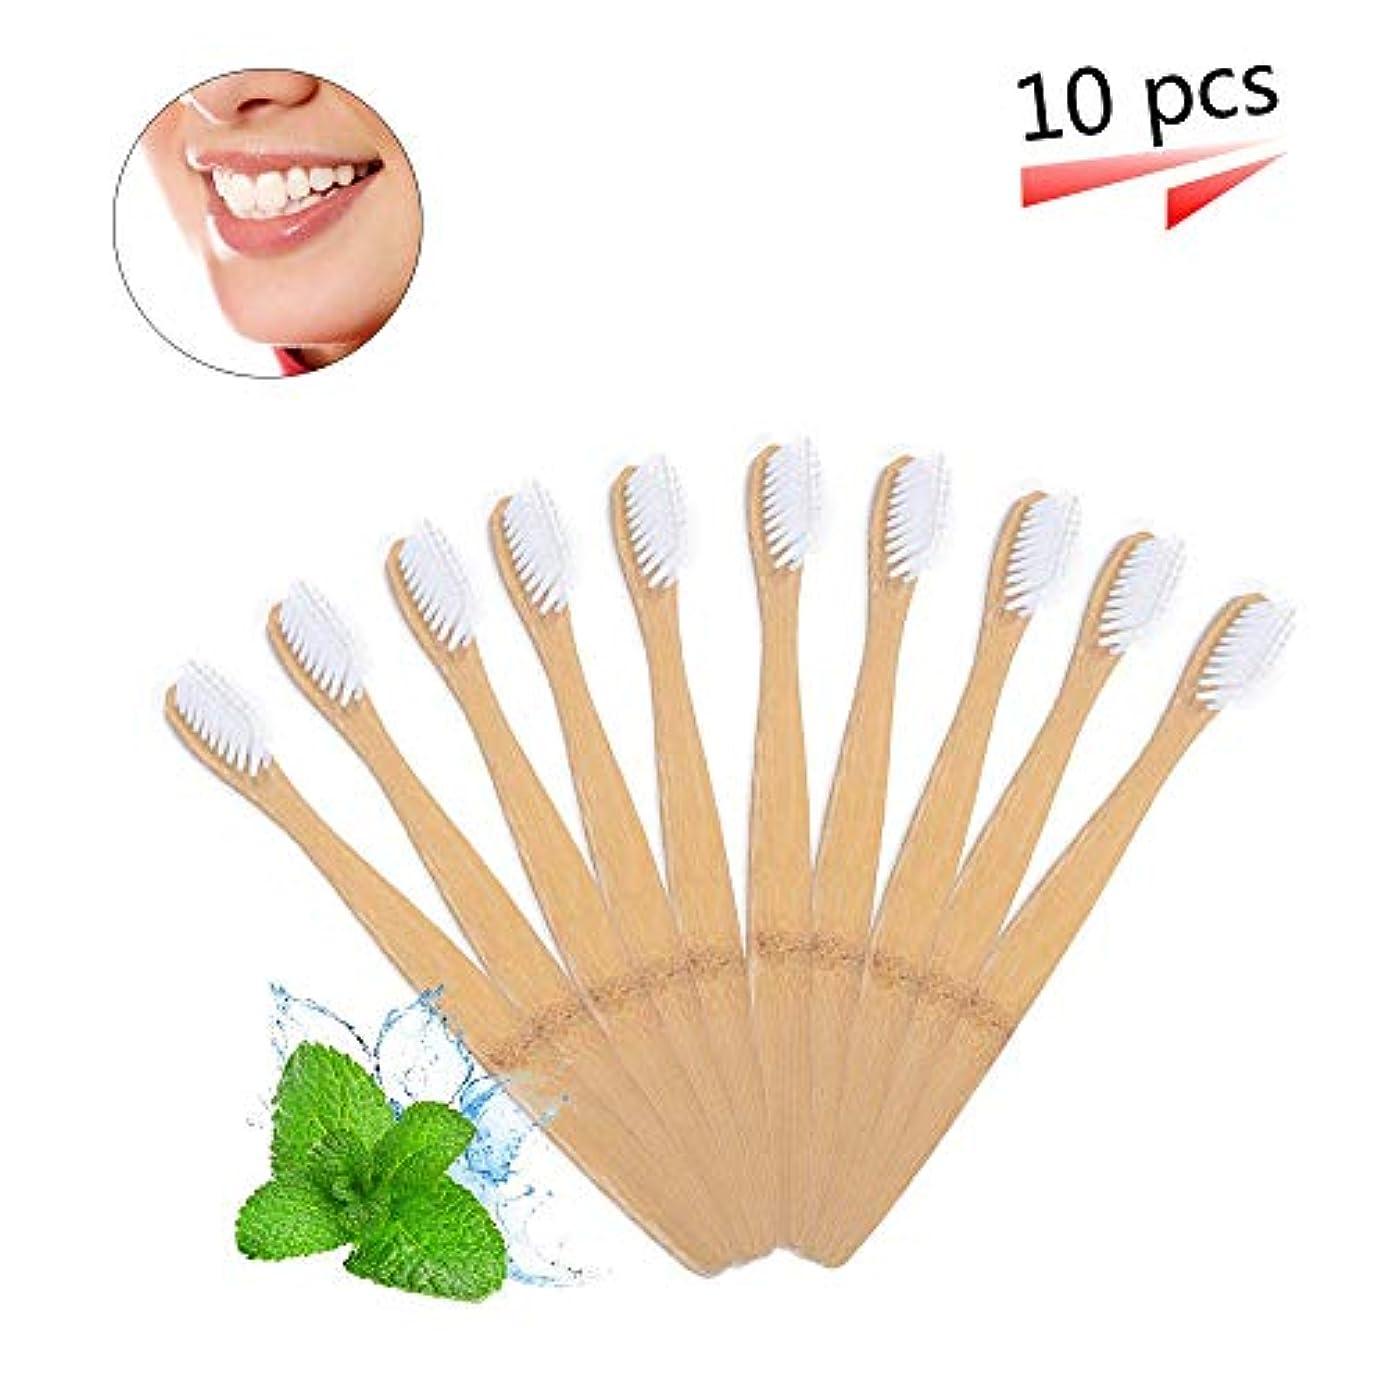 アライアンスカウント細部竹の歯ブラシ 分解性 環境保護の歯ブラシ 天然の柔らかいブラシ ホワイト 10本